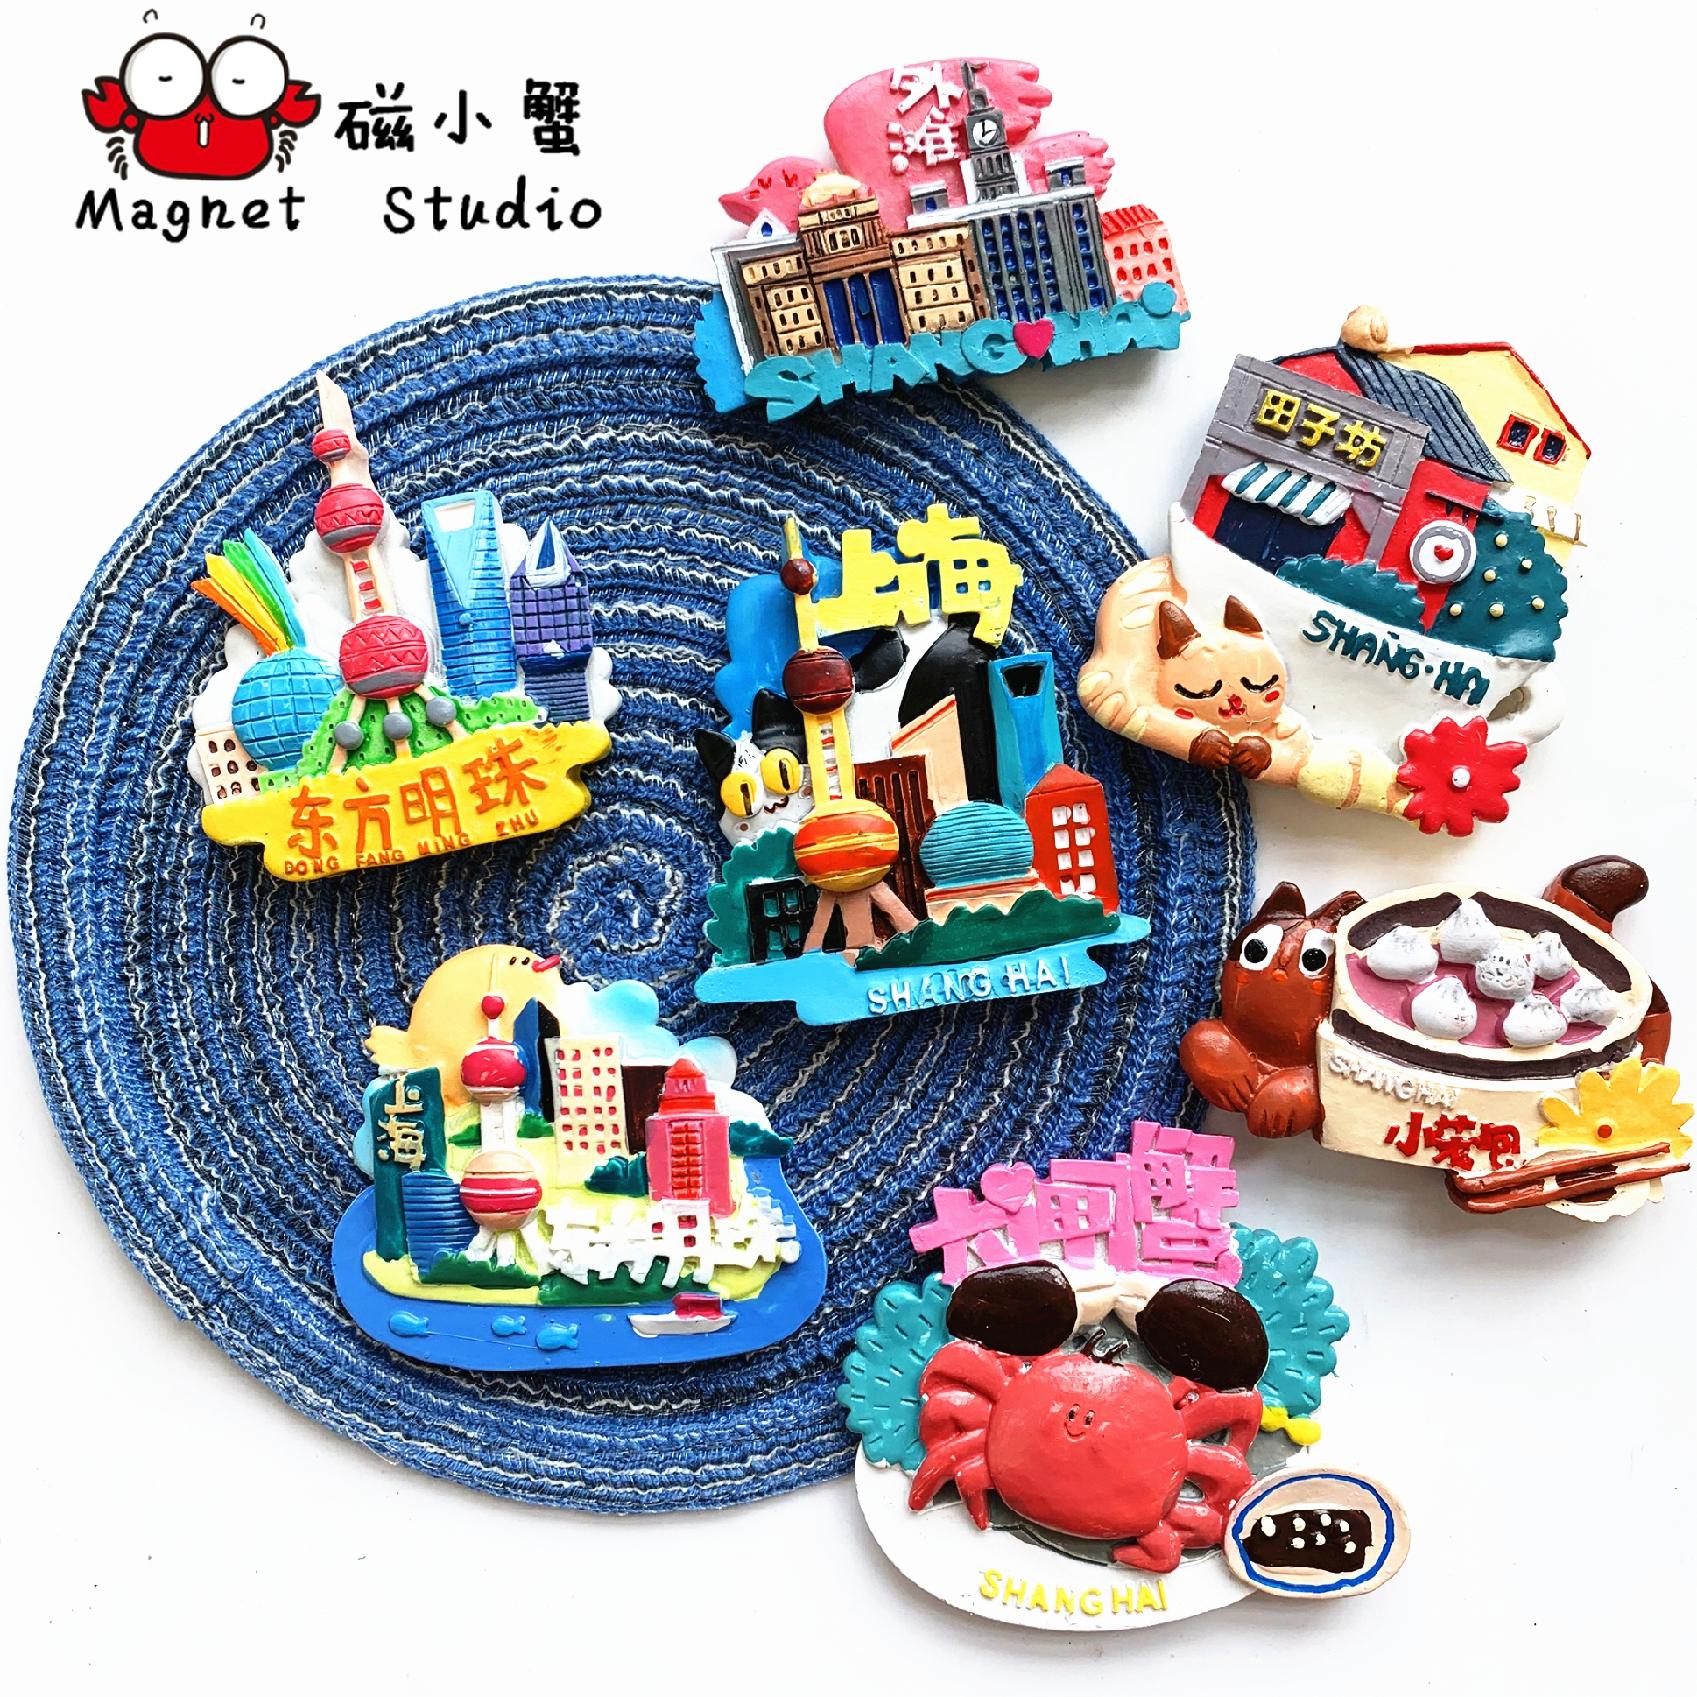 中国上海城市外滩东方明珠旅游纪念品冰箱贴磁贴伴手礼景点田子坊